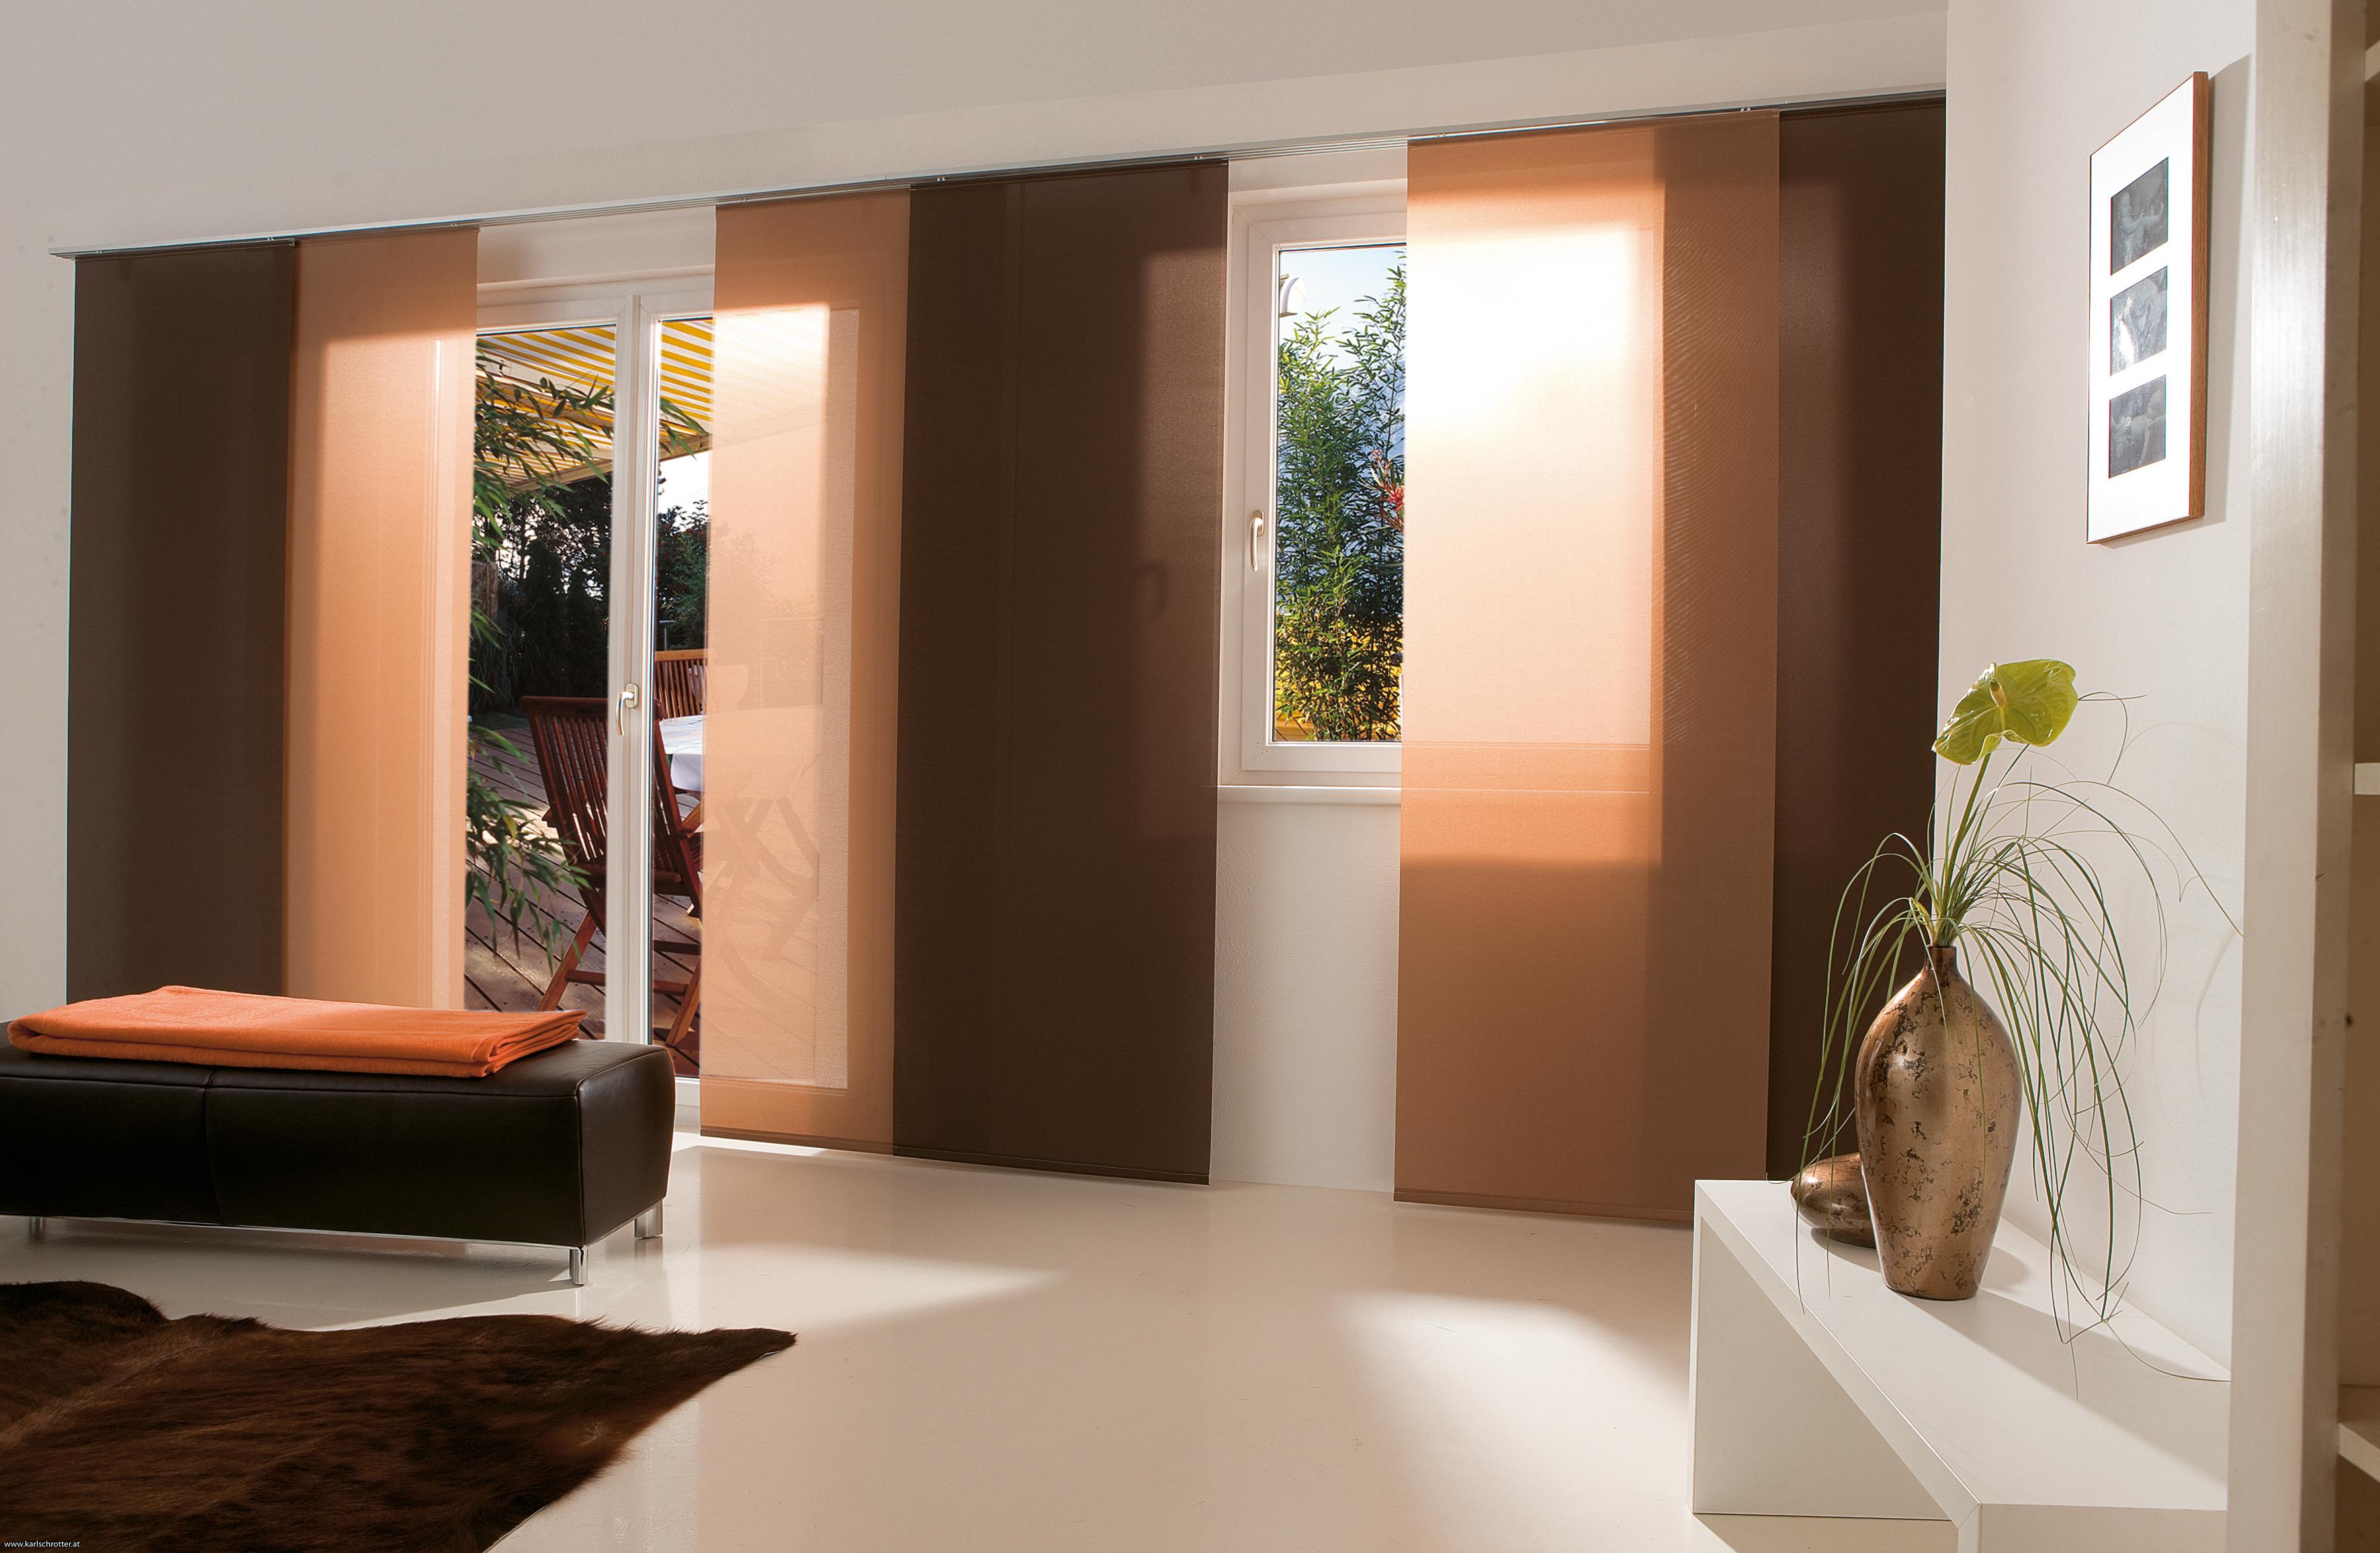 beste von sonnenschutz f r fenster innen einzigartige ideen zum sichtschutz. Black Bedroom Furniture Sets. Home Design Ideas